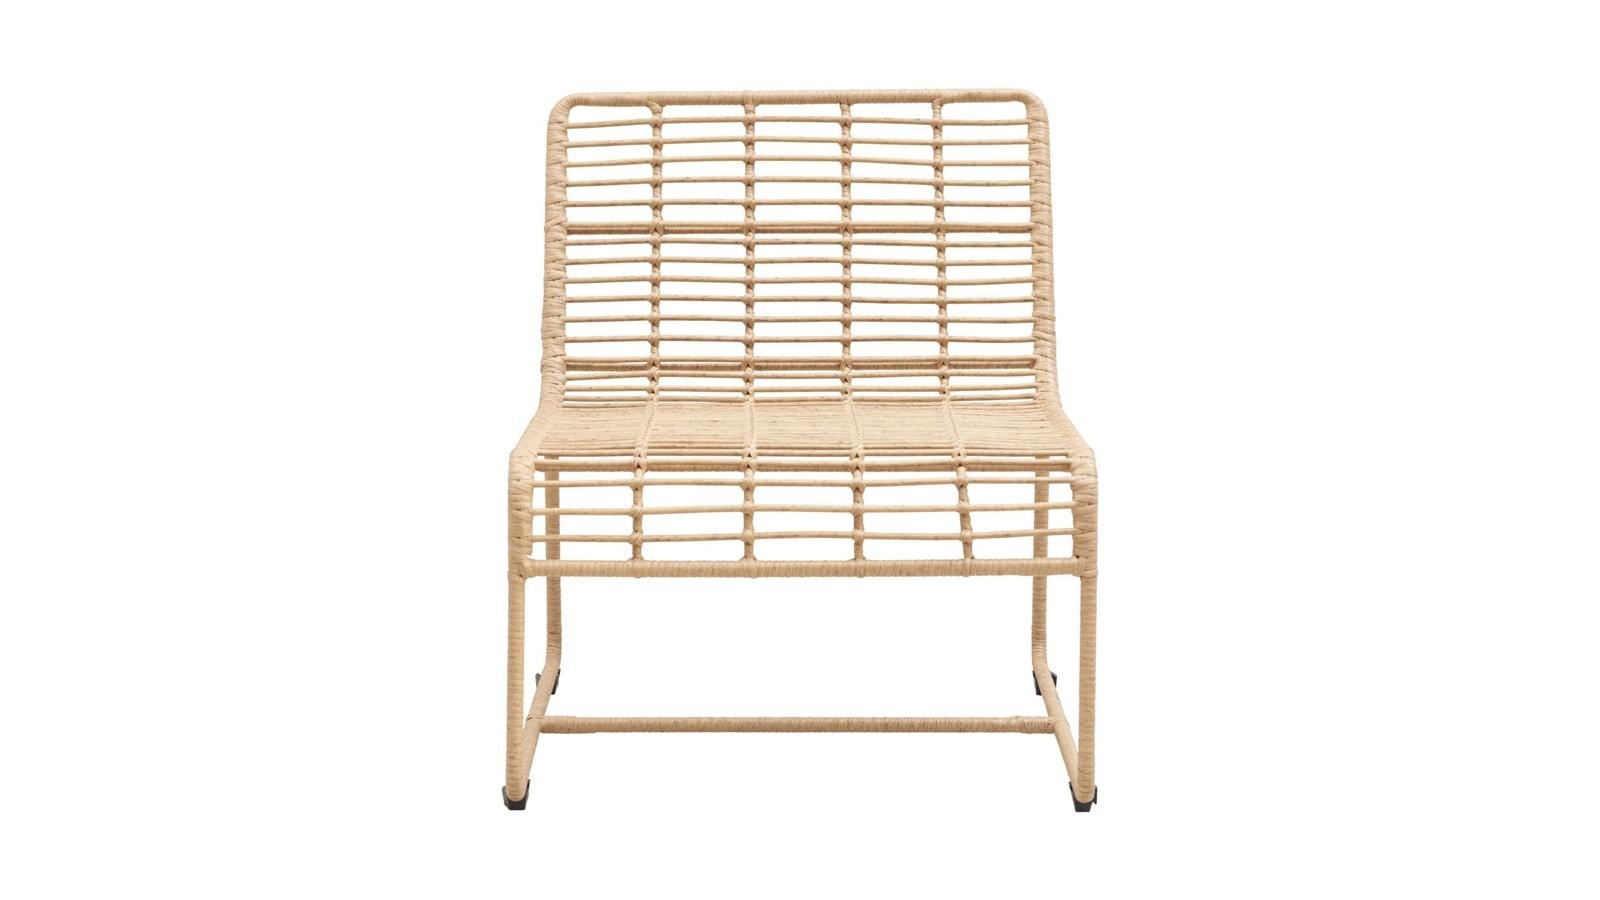 chaise de jardin en métal marron clair